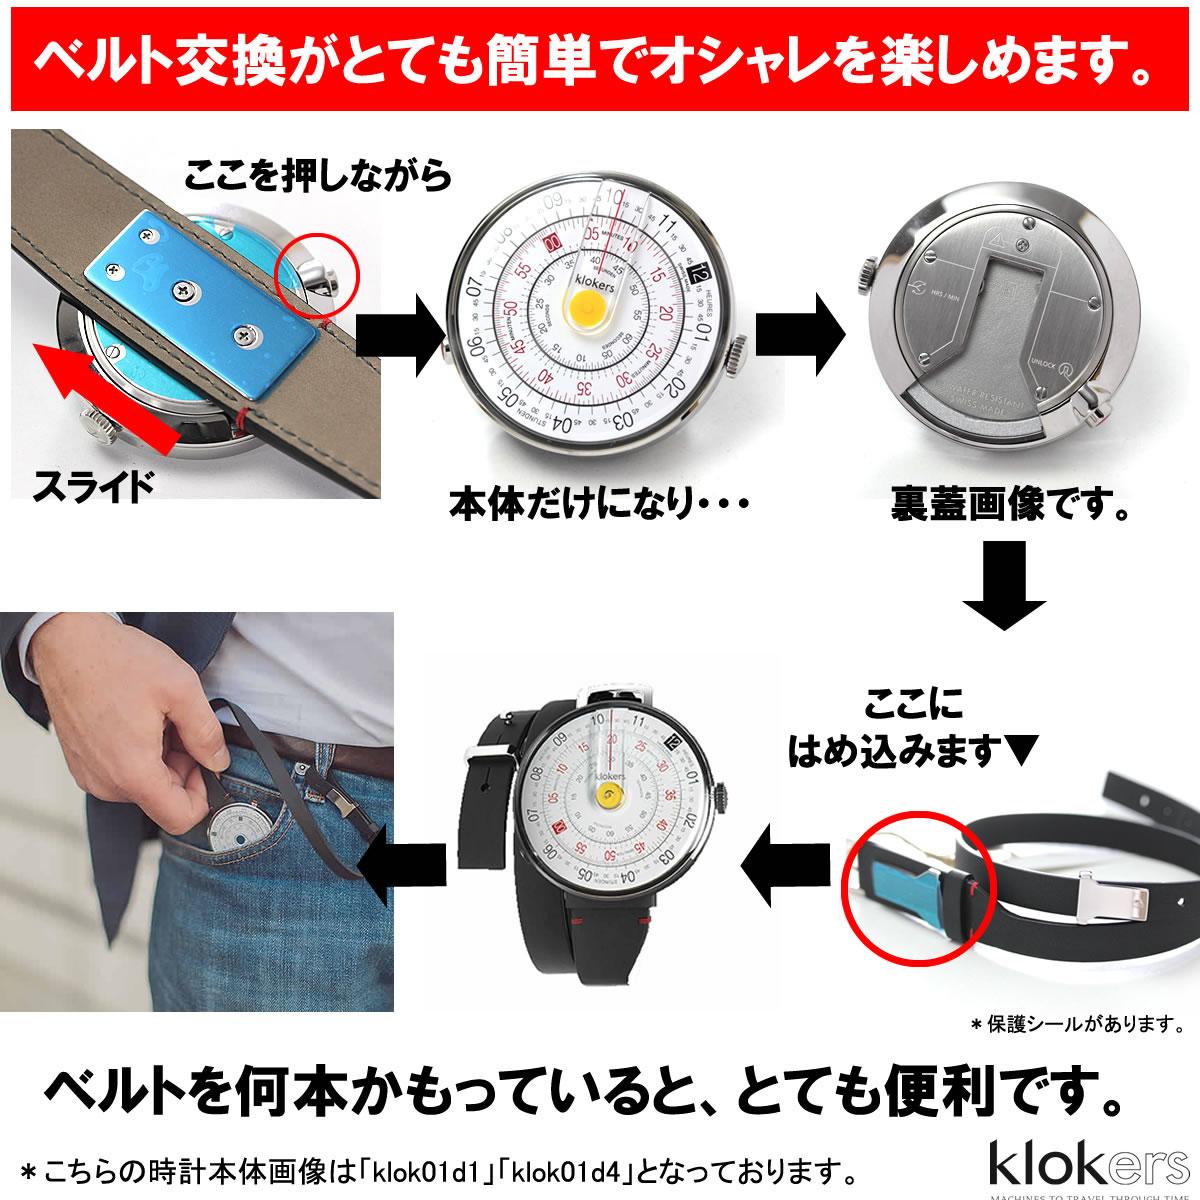 クロッカーズ腕時計ベルト着用の仕方